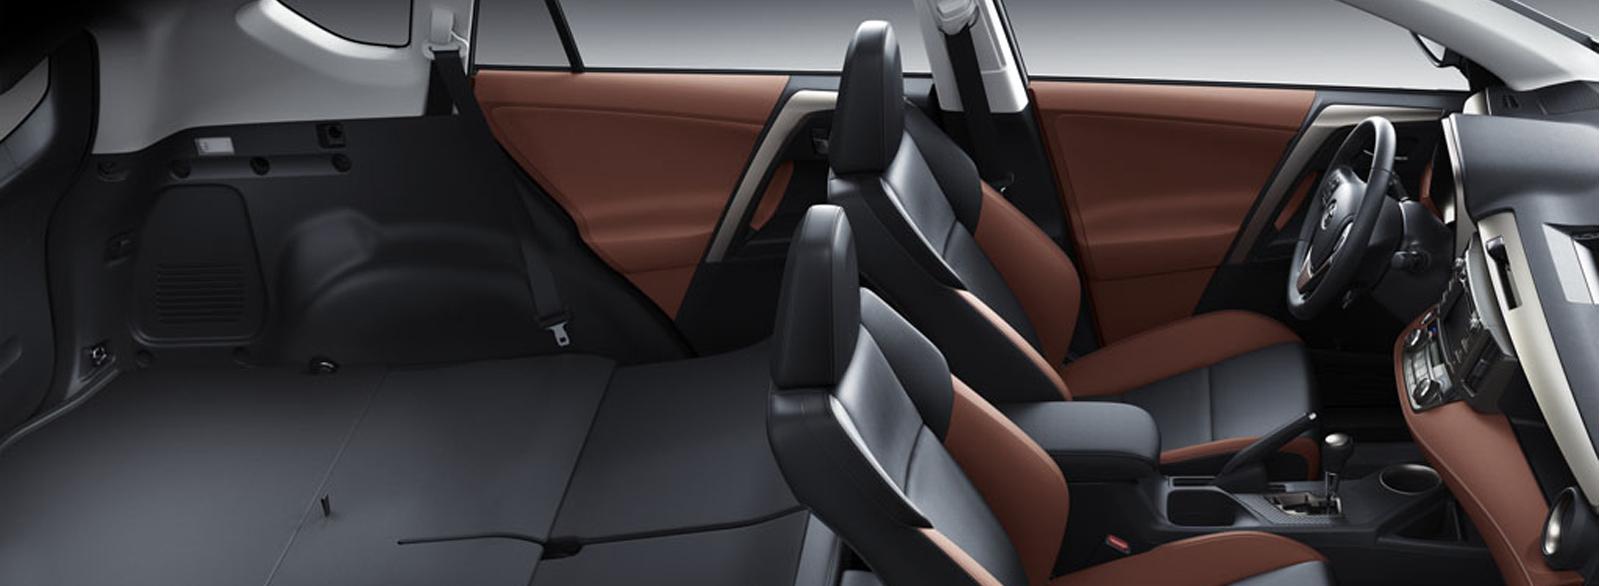 rav4-interior4